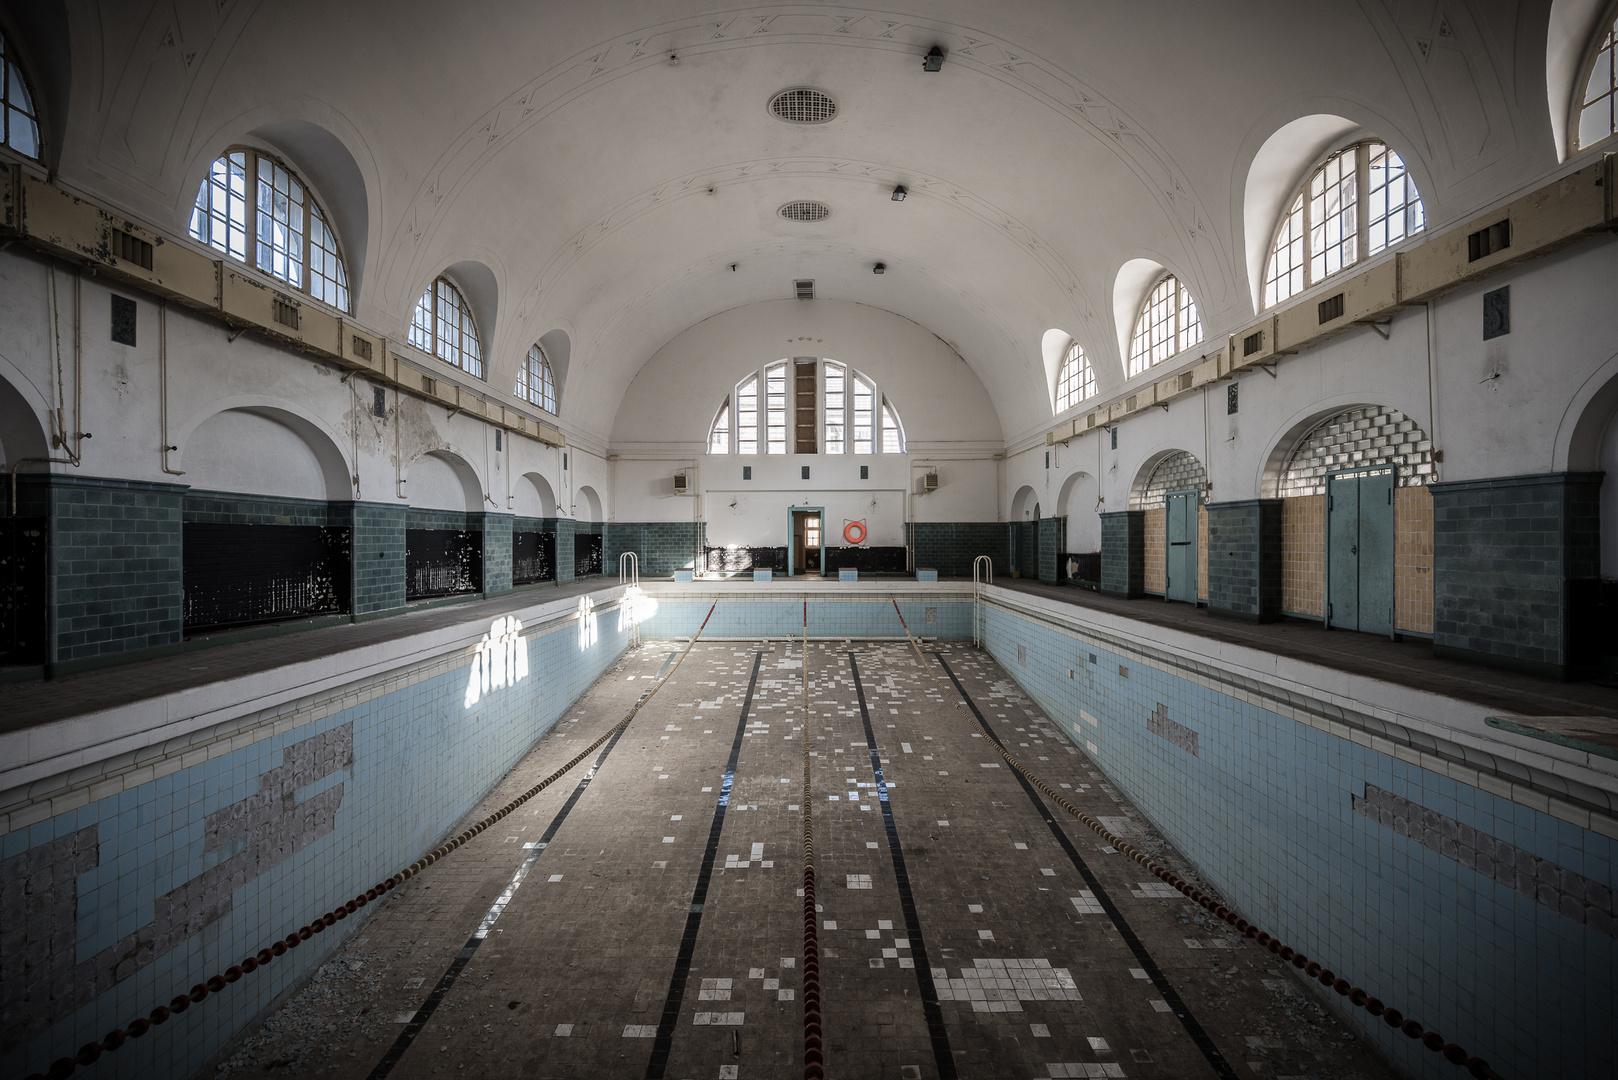 Verlassenes schwimmbad foto bild architektur lost - Schwimmbad architektur ...